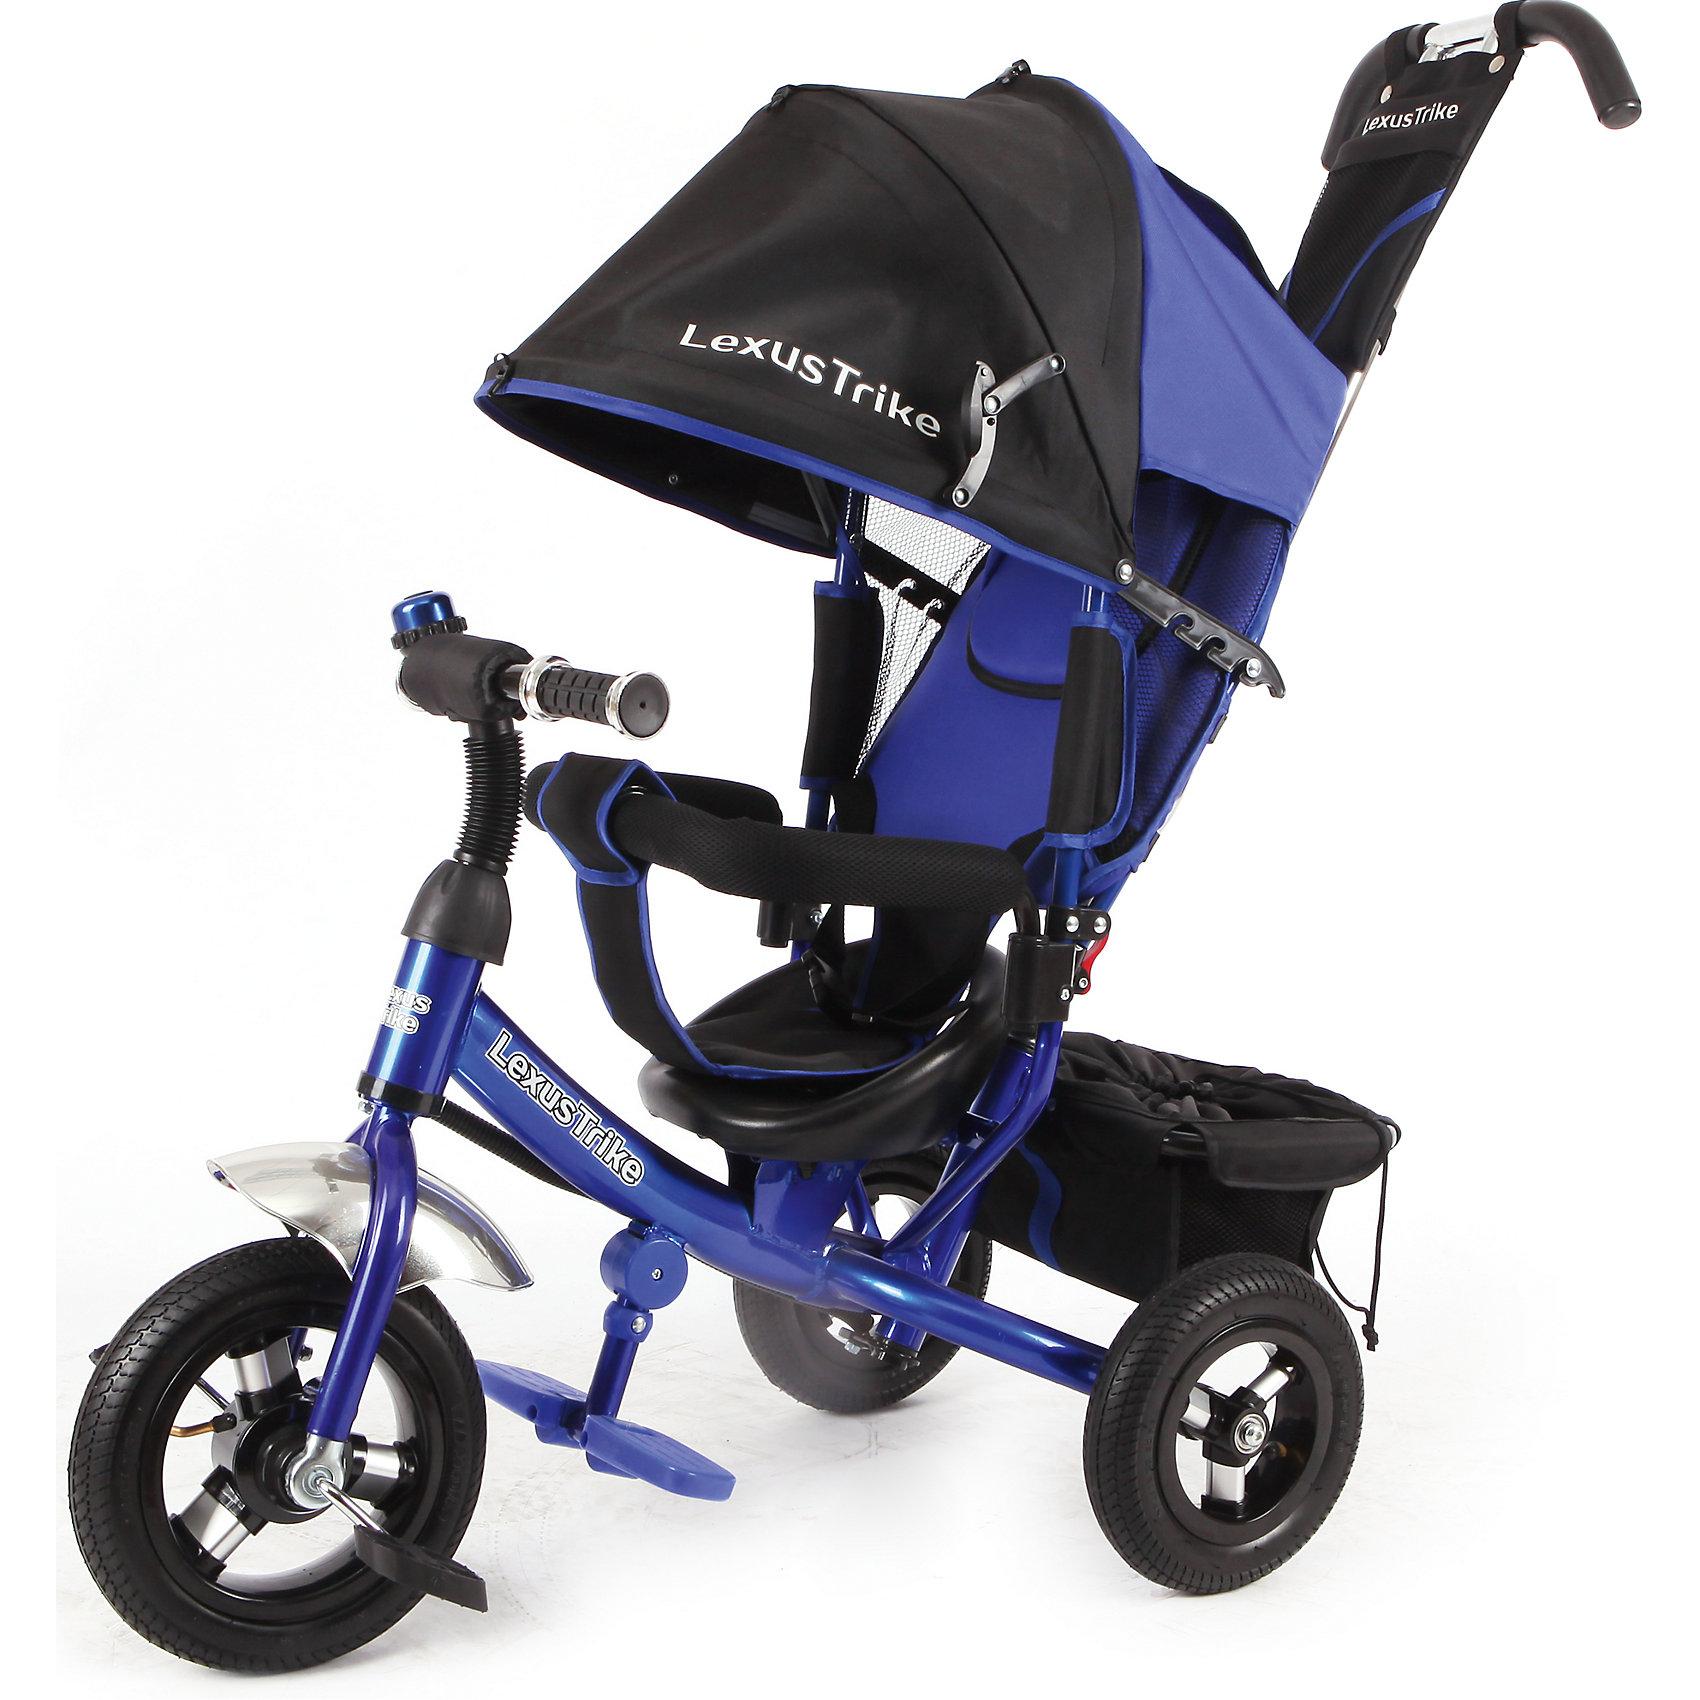 Трехколесный велосипед, регулир. спинка, синий, Lexus Trike LTнадувные резиновые колеса с алюминиевыми спицами и металлическими втулками передние 25 см (10) с функцией свободного хода, задние 20 см (8), - двойная телескопическая родительская ручка с мягкими рукоятками из пористой резины и сумочкой, - спинка с регулируемым углом наклона (3 положения), - складная подставкя для ног; - складной тент колясочного типа с фиксаторами положения и окошком, - сидение с двухточечным ремнем безопасности и мягкой вкладкой, - подголовник на спинке, - стопоры задних колёс, - регулируемая поворотная рычаг-спица, - раздвижная дуга безопасности с мягкими подлокотниками из пористой резины, - багажная корзина с затягивающимся верхом, - звонок на руле, синий, - цветная коробка<br><br>Ширина мм: 810<br>Глубина мм: 470<br>Высота мм: 1100<br>Вес г: 12800<br>Возраст от месяцев: 12<br>Возраст до месяцев: 36<br>Пол: Мужской<br>Возраст: Детский<br>SKU: 5526364